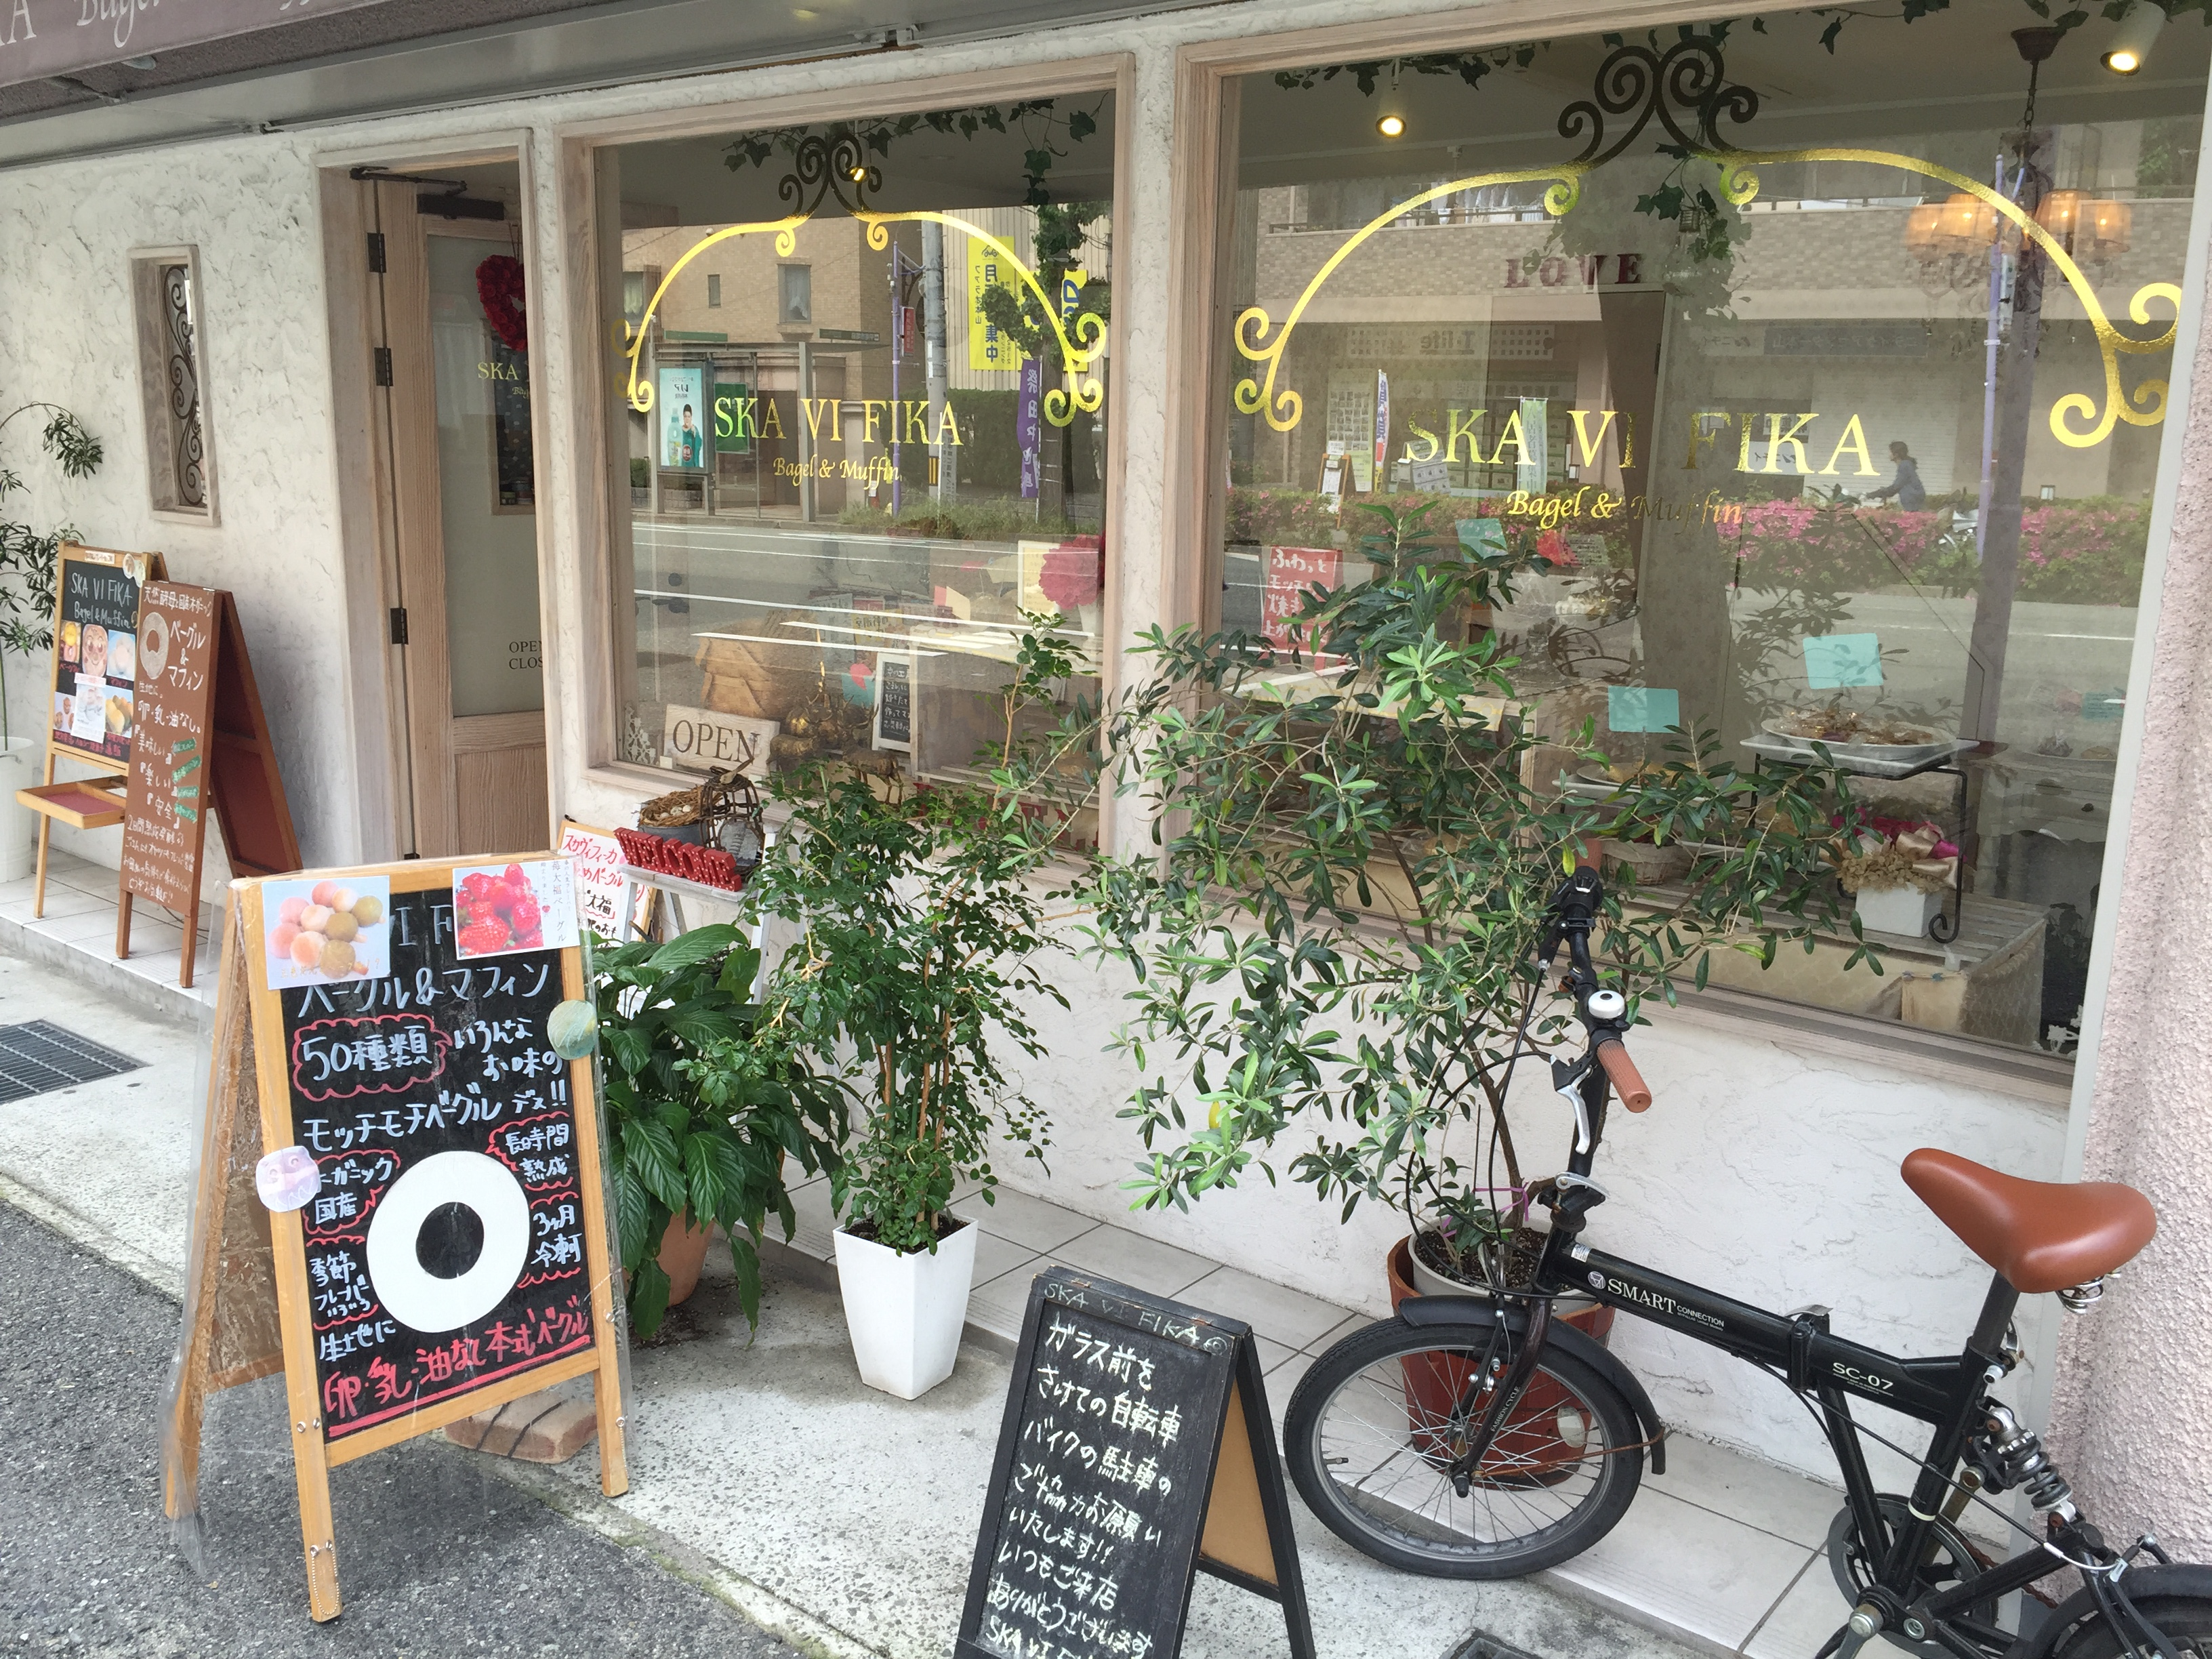 神戸・東灘の甲南本通り近くにある人気ベーグル専門店「SKA VI FIKA Bagel&Muffin(スカヴィフィーカ ベーグル&マフィン)」に行ってみた! #ベーグル #マフィン